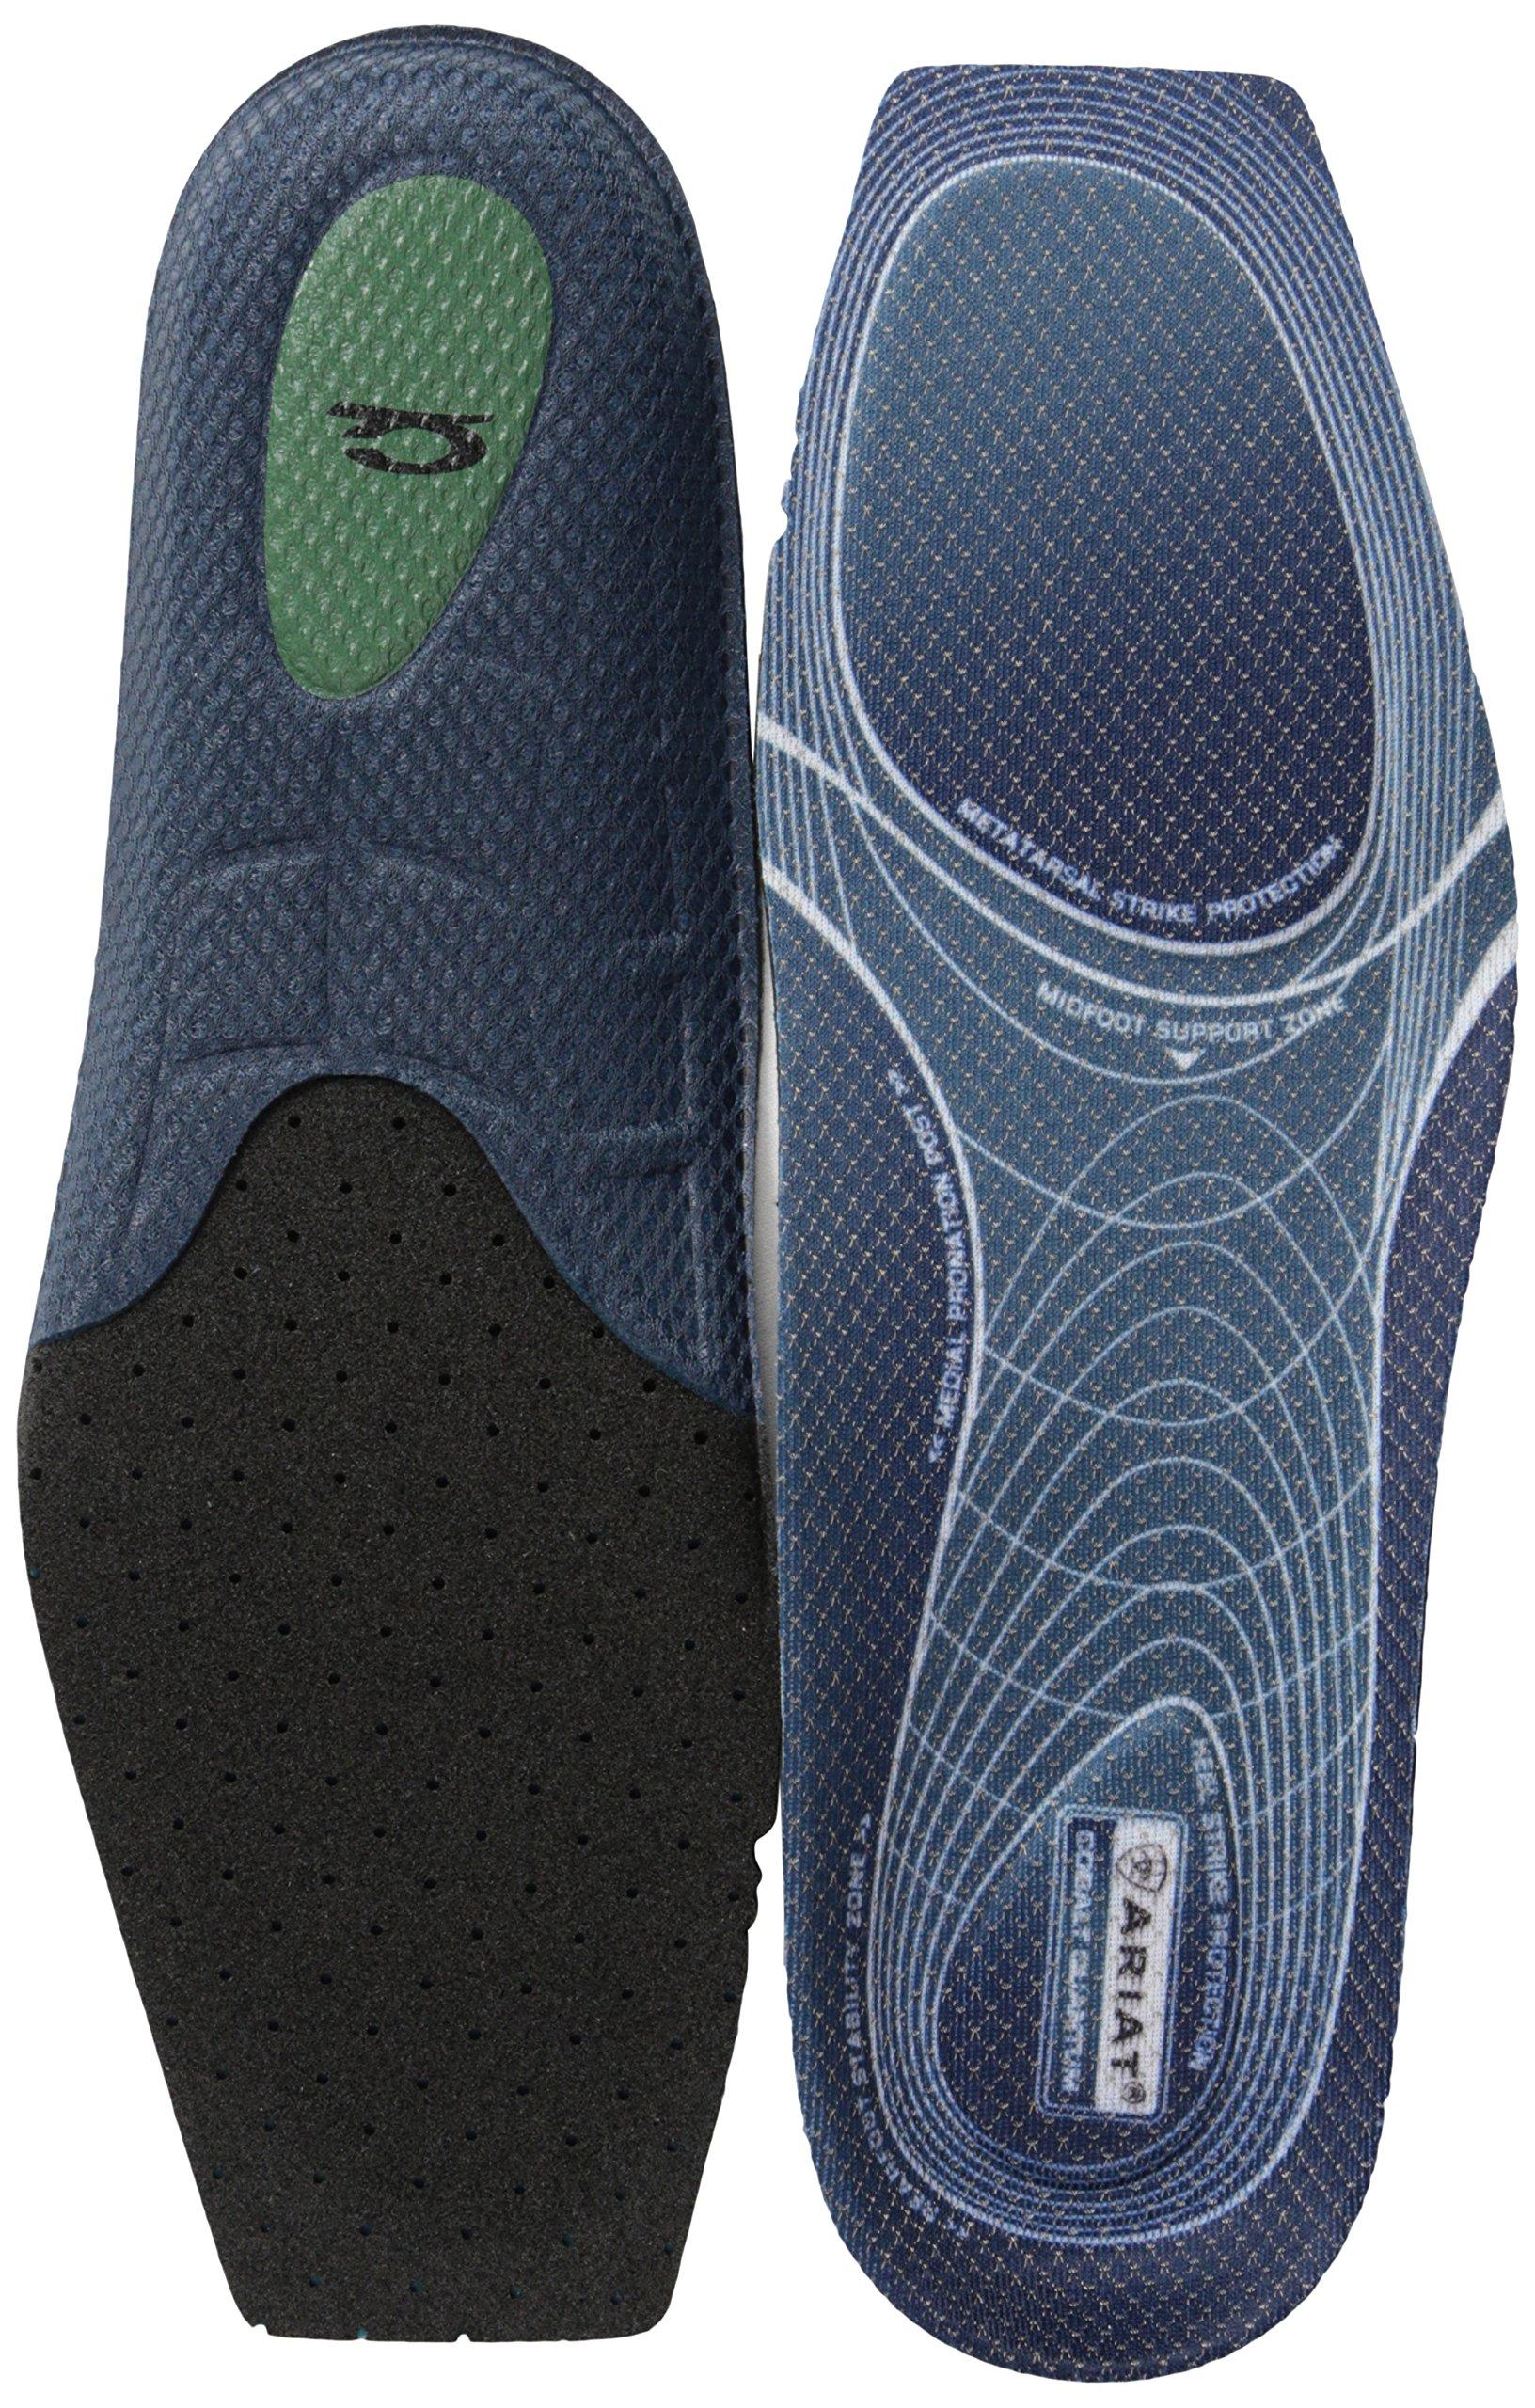 Ariat Men's Quantum Footbed Wide Square Toe-A10008003, multi, 9.5